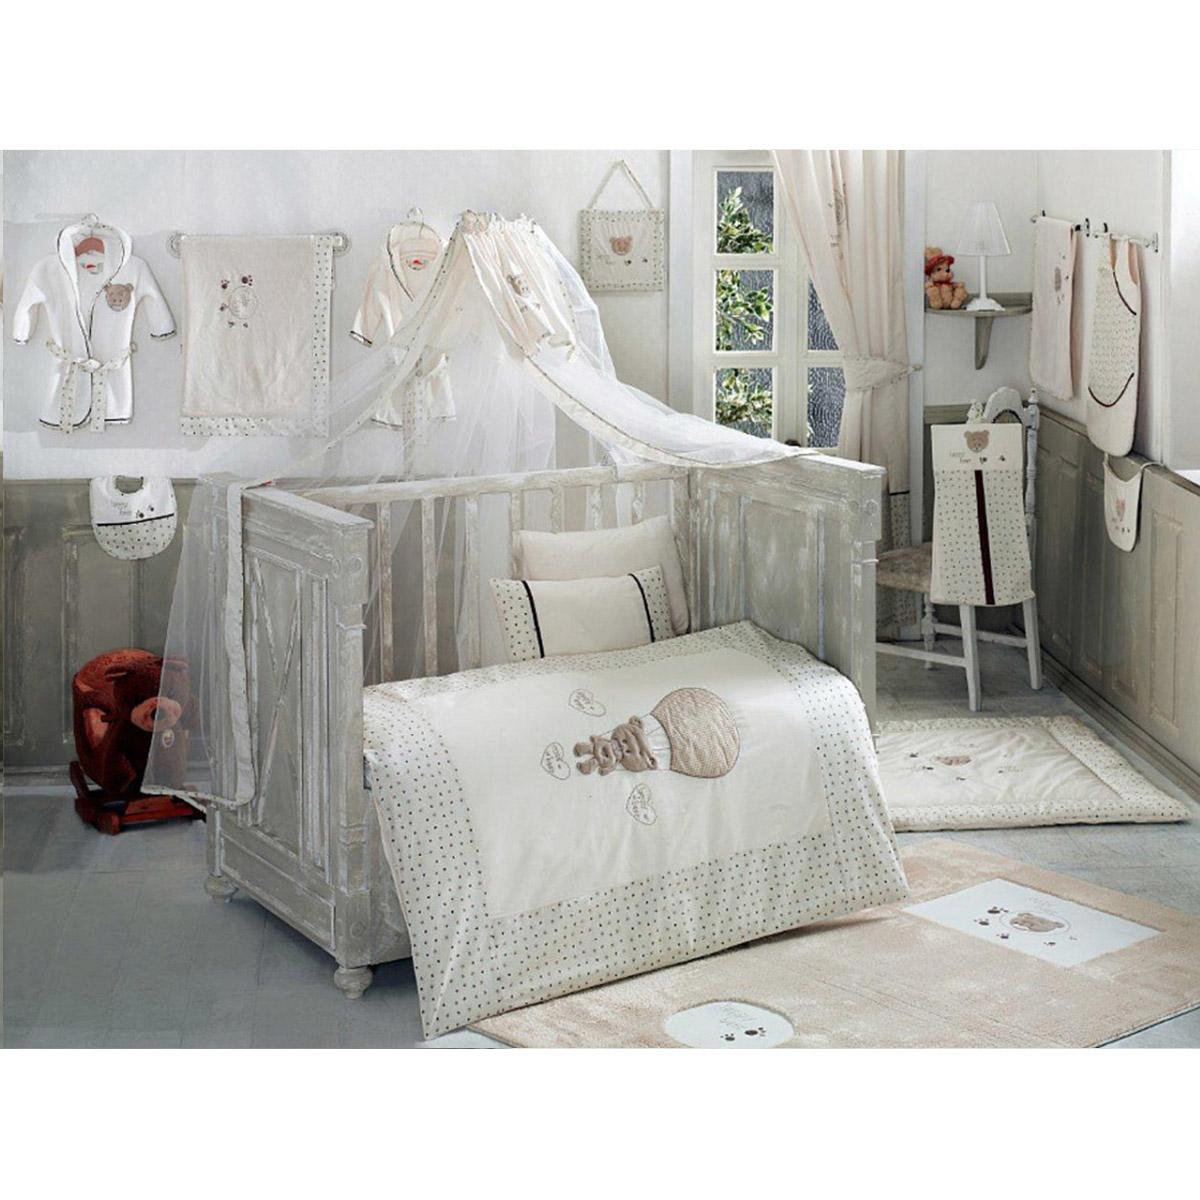 Балдахин серии Cute Bear 150 х 450 см, BeigeДетское постельное белье<br>Балдахин серии Cute Bear 150 х 450 см, Beige<br>